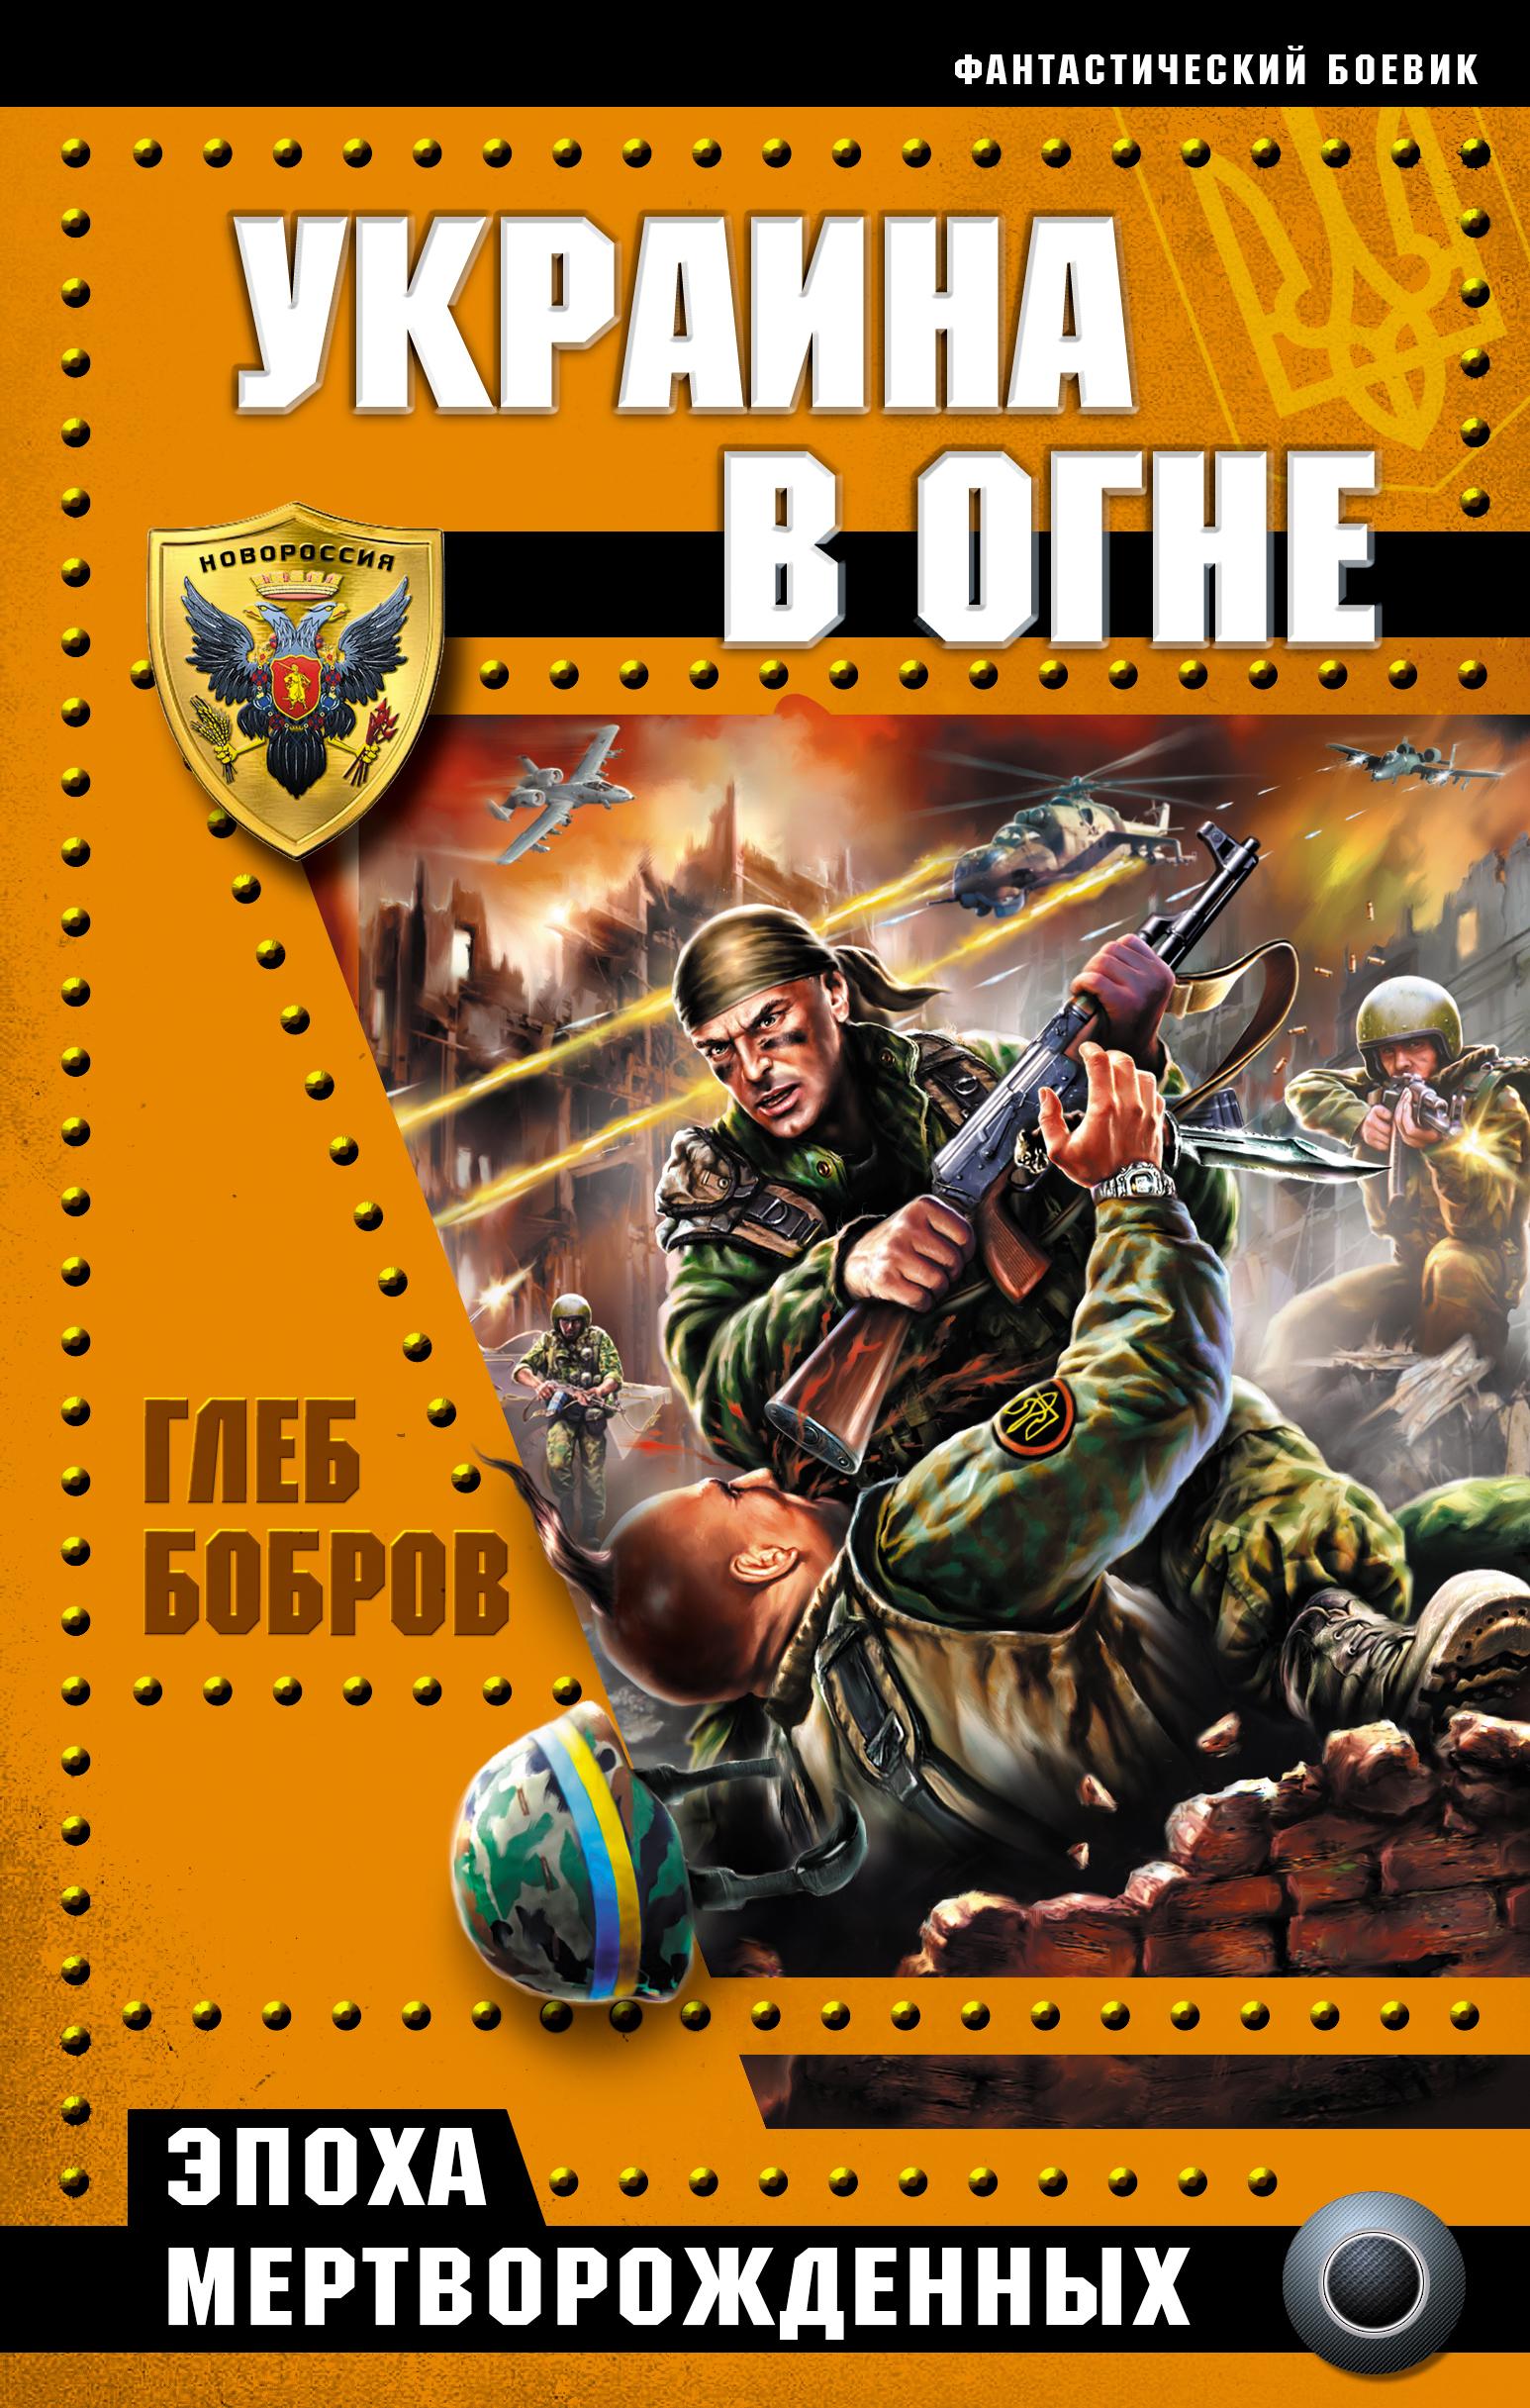 Бобров Г.Л. Украина в огне бобров г л эпоха мертворожденных украина в крови